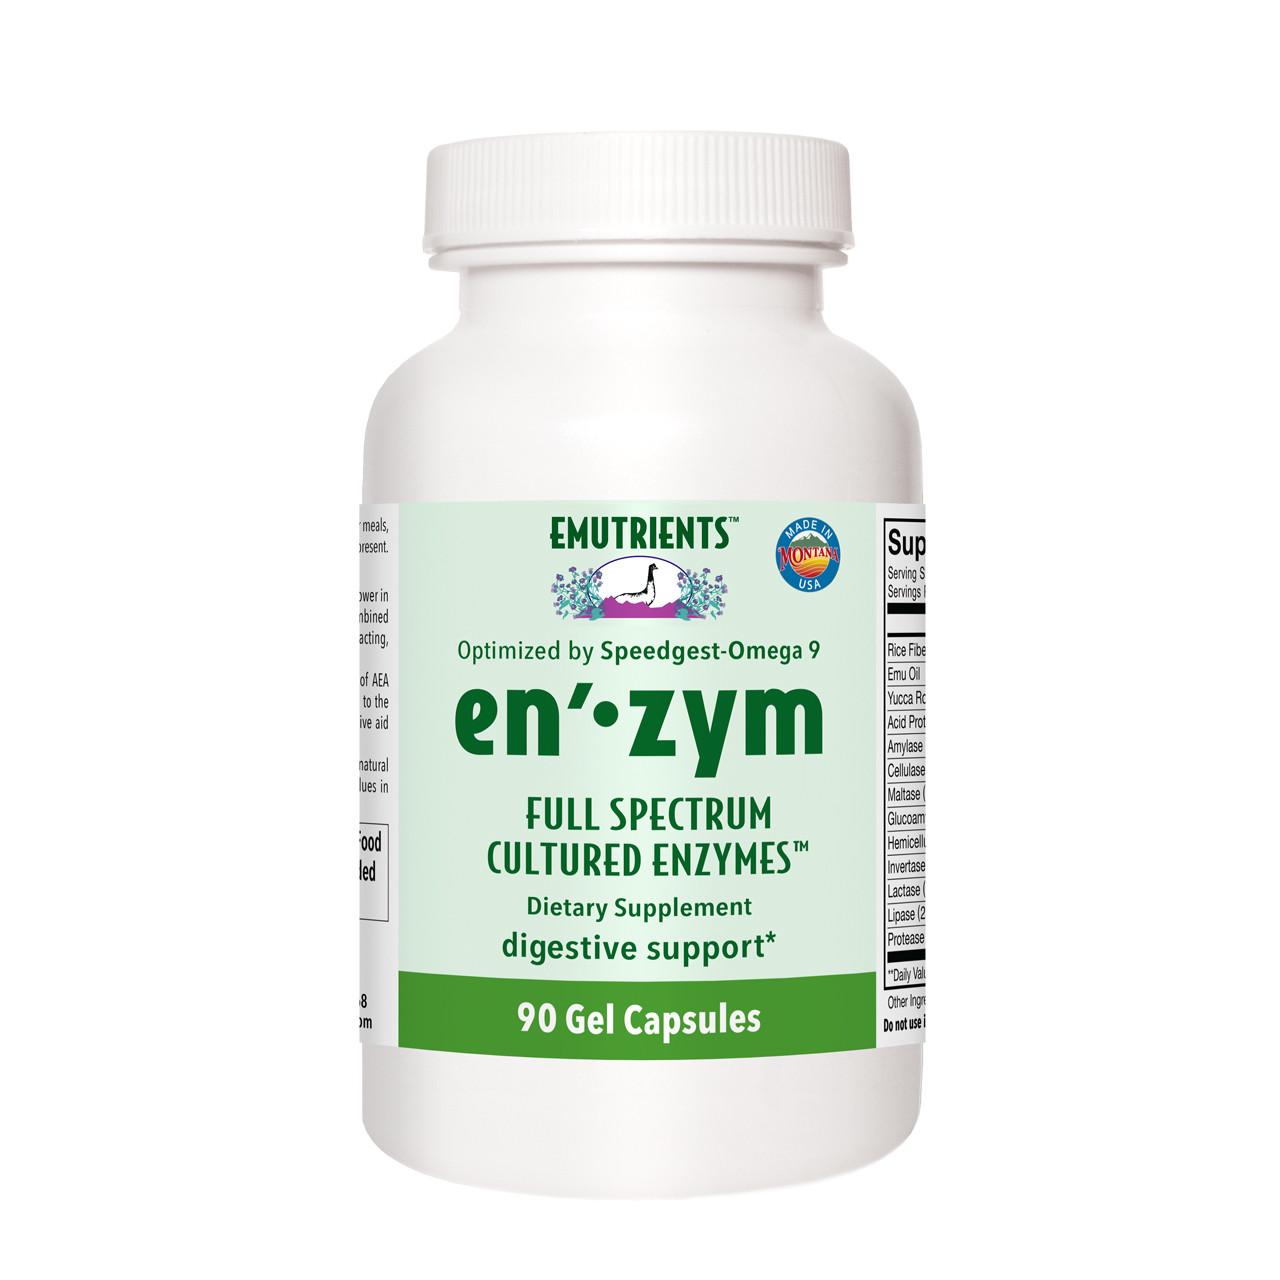 en'zym-90 count